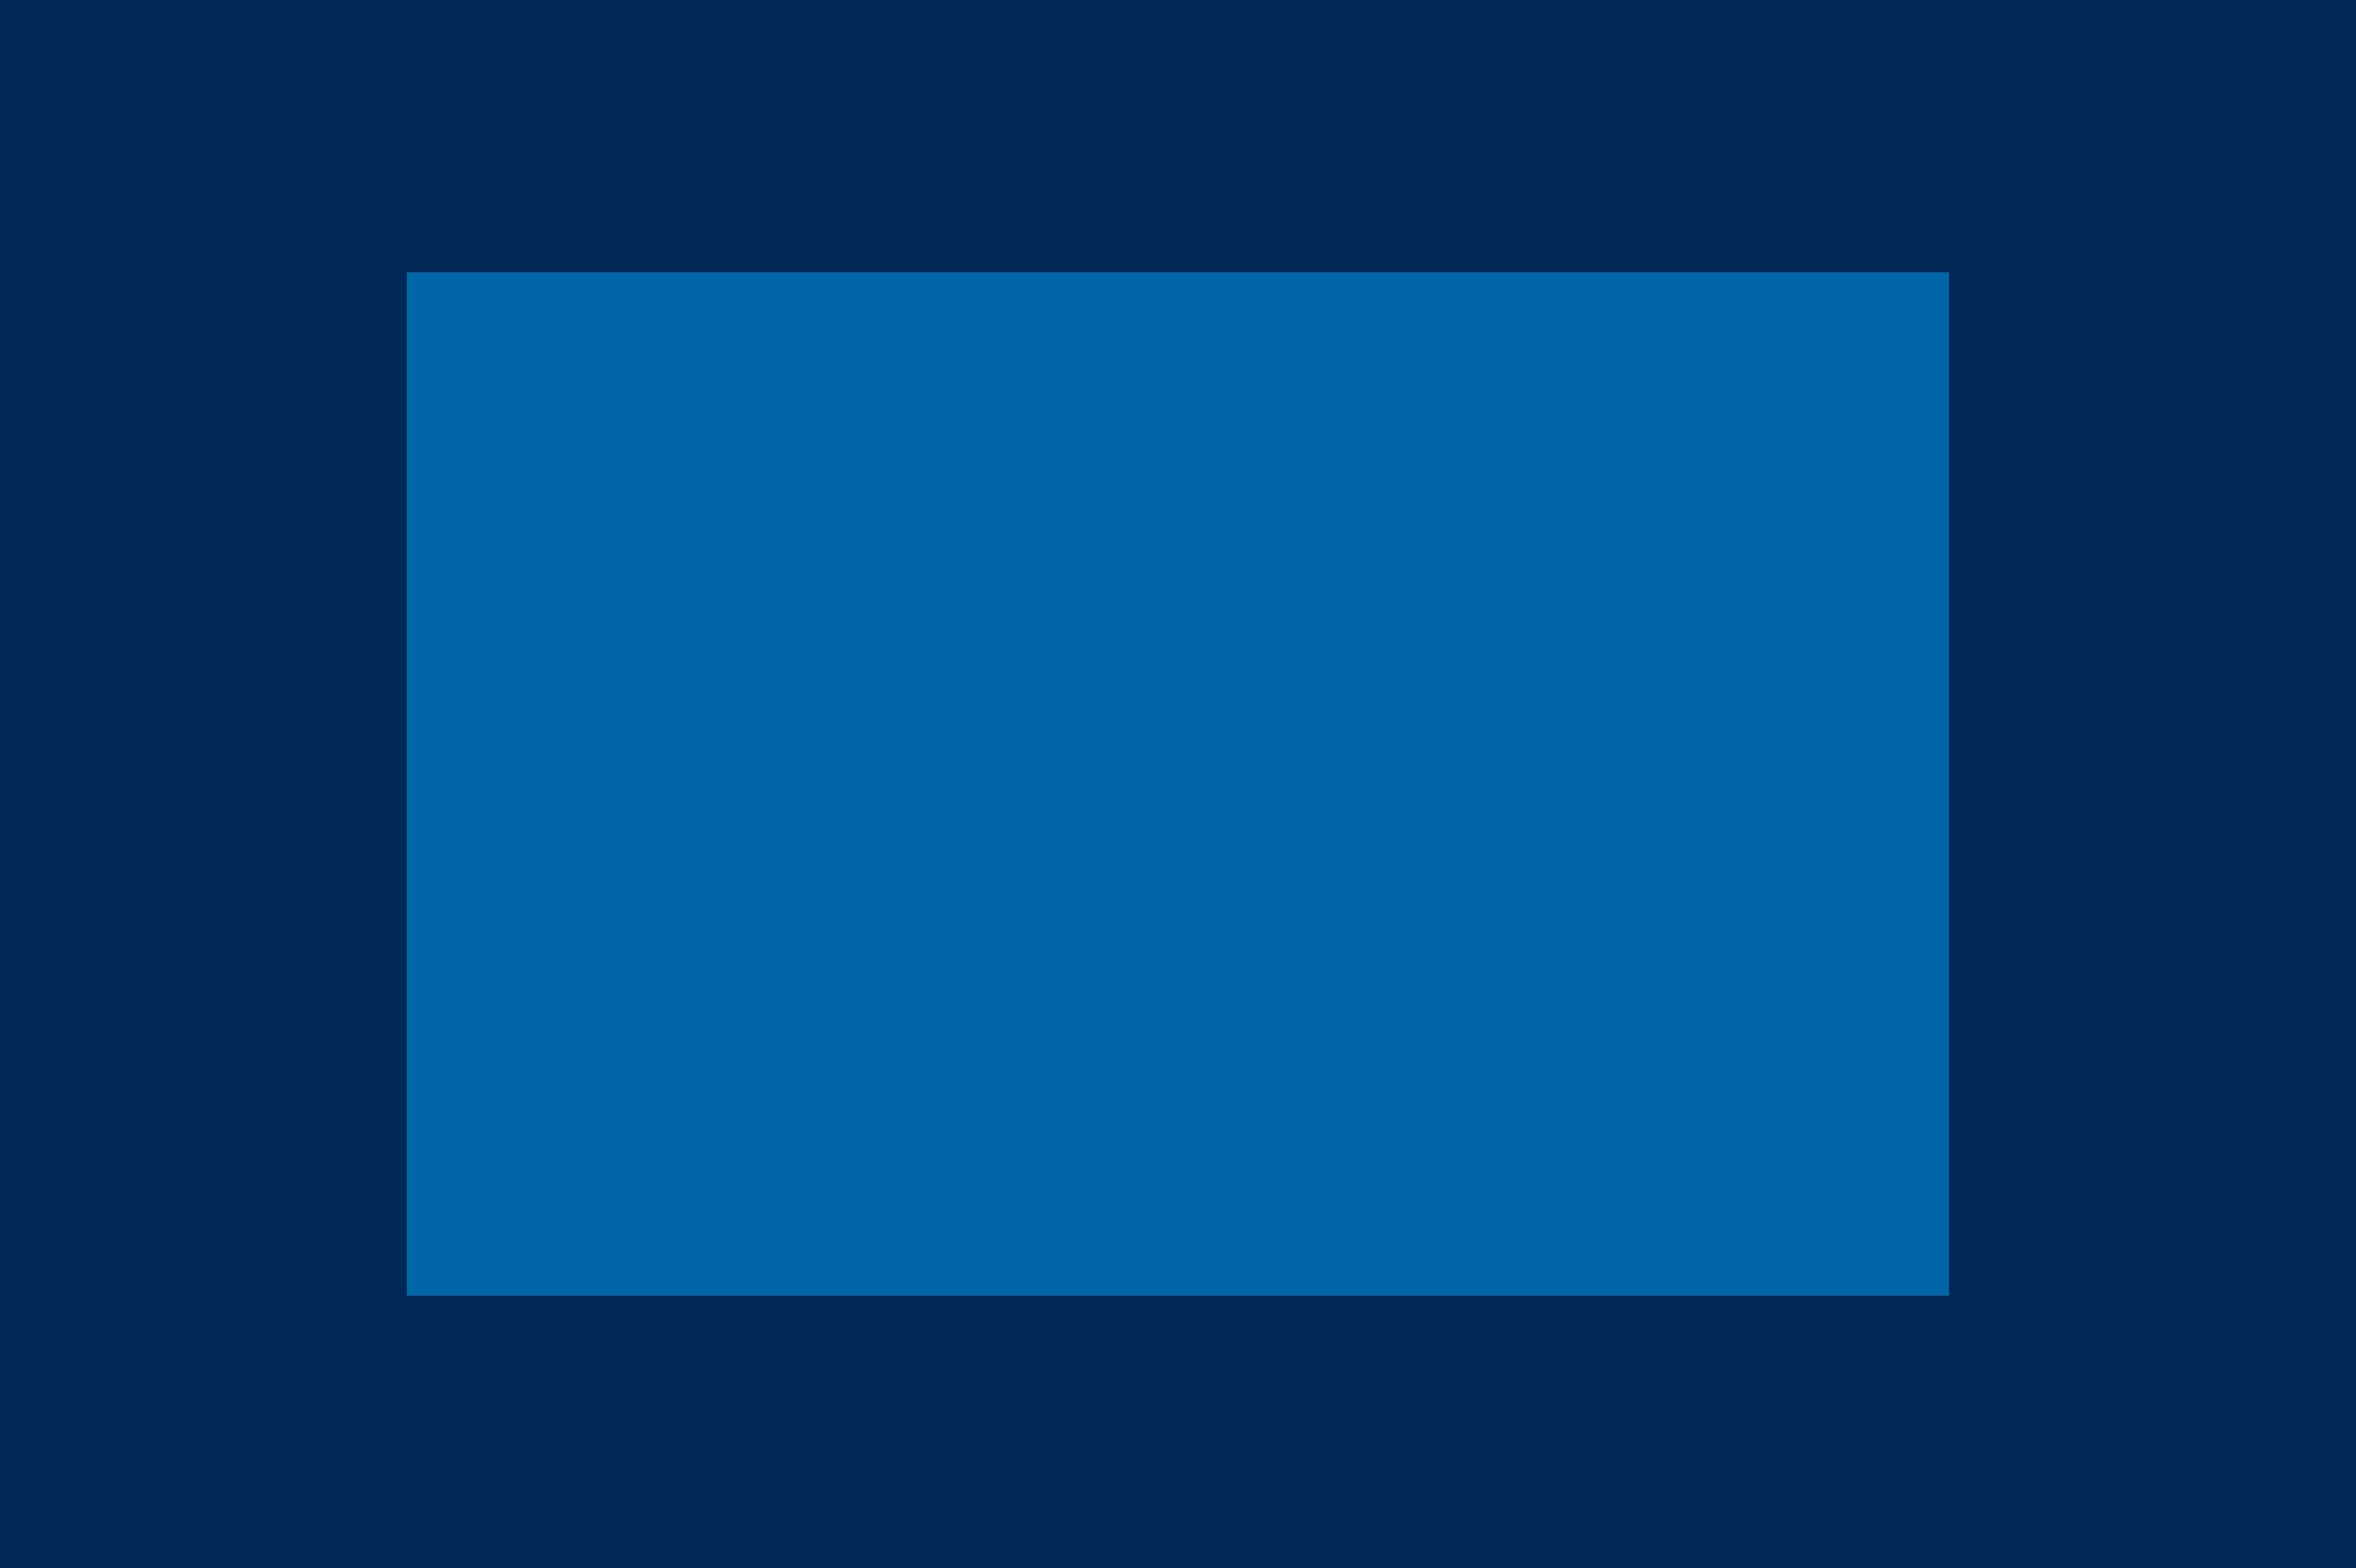 Größenverhältnis zwischen Vollformatsensor (dunkelblau) und APS-C-Sensor (hellblau)